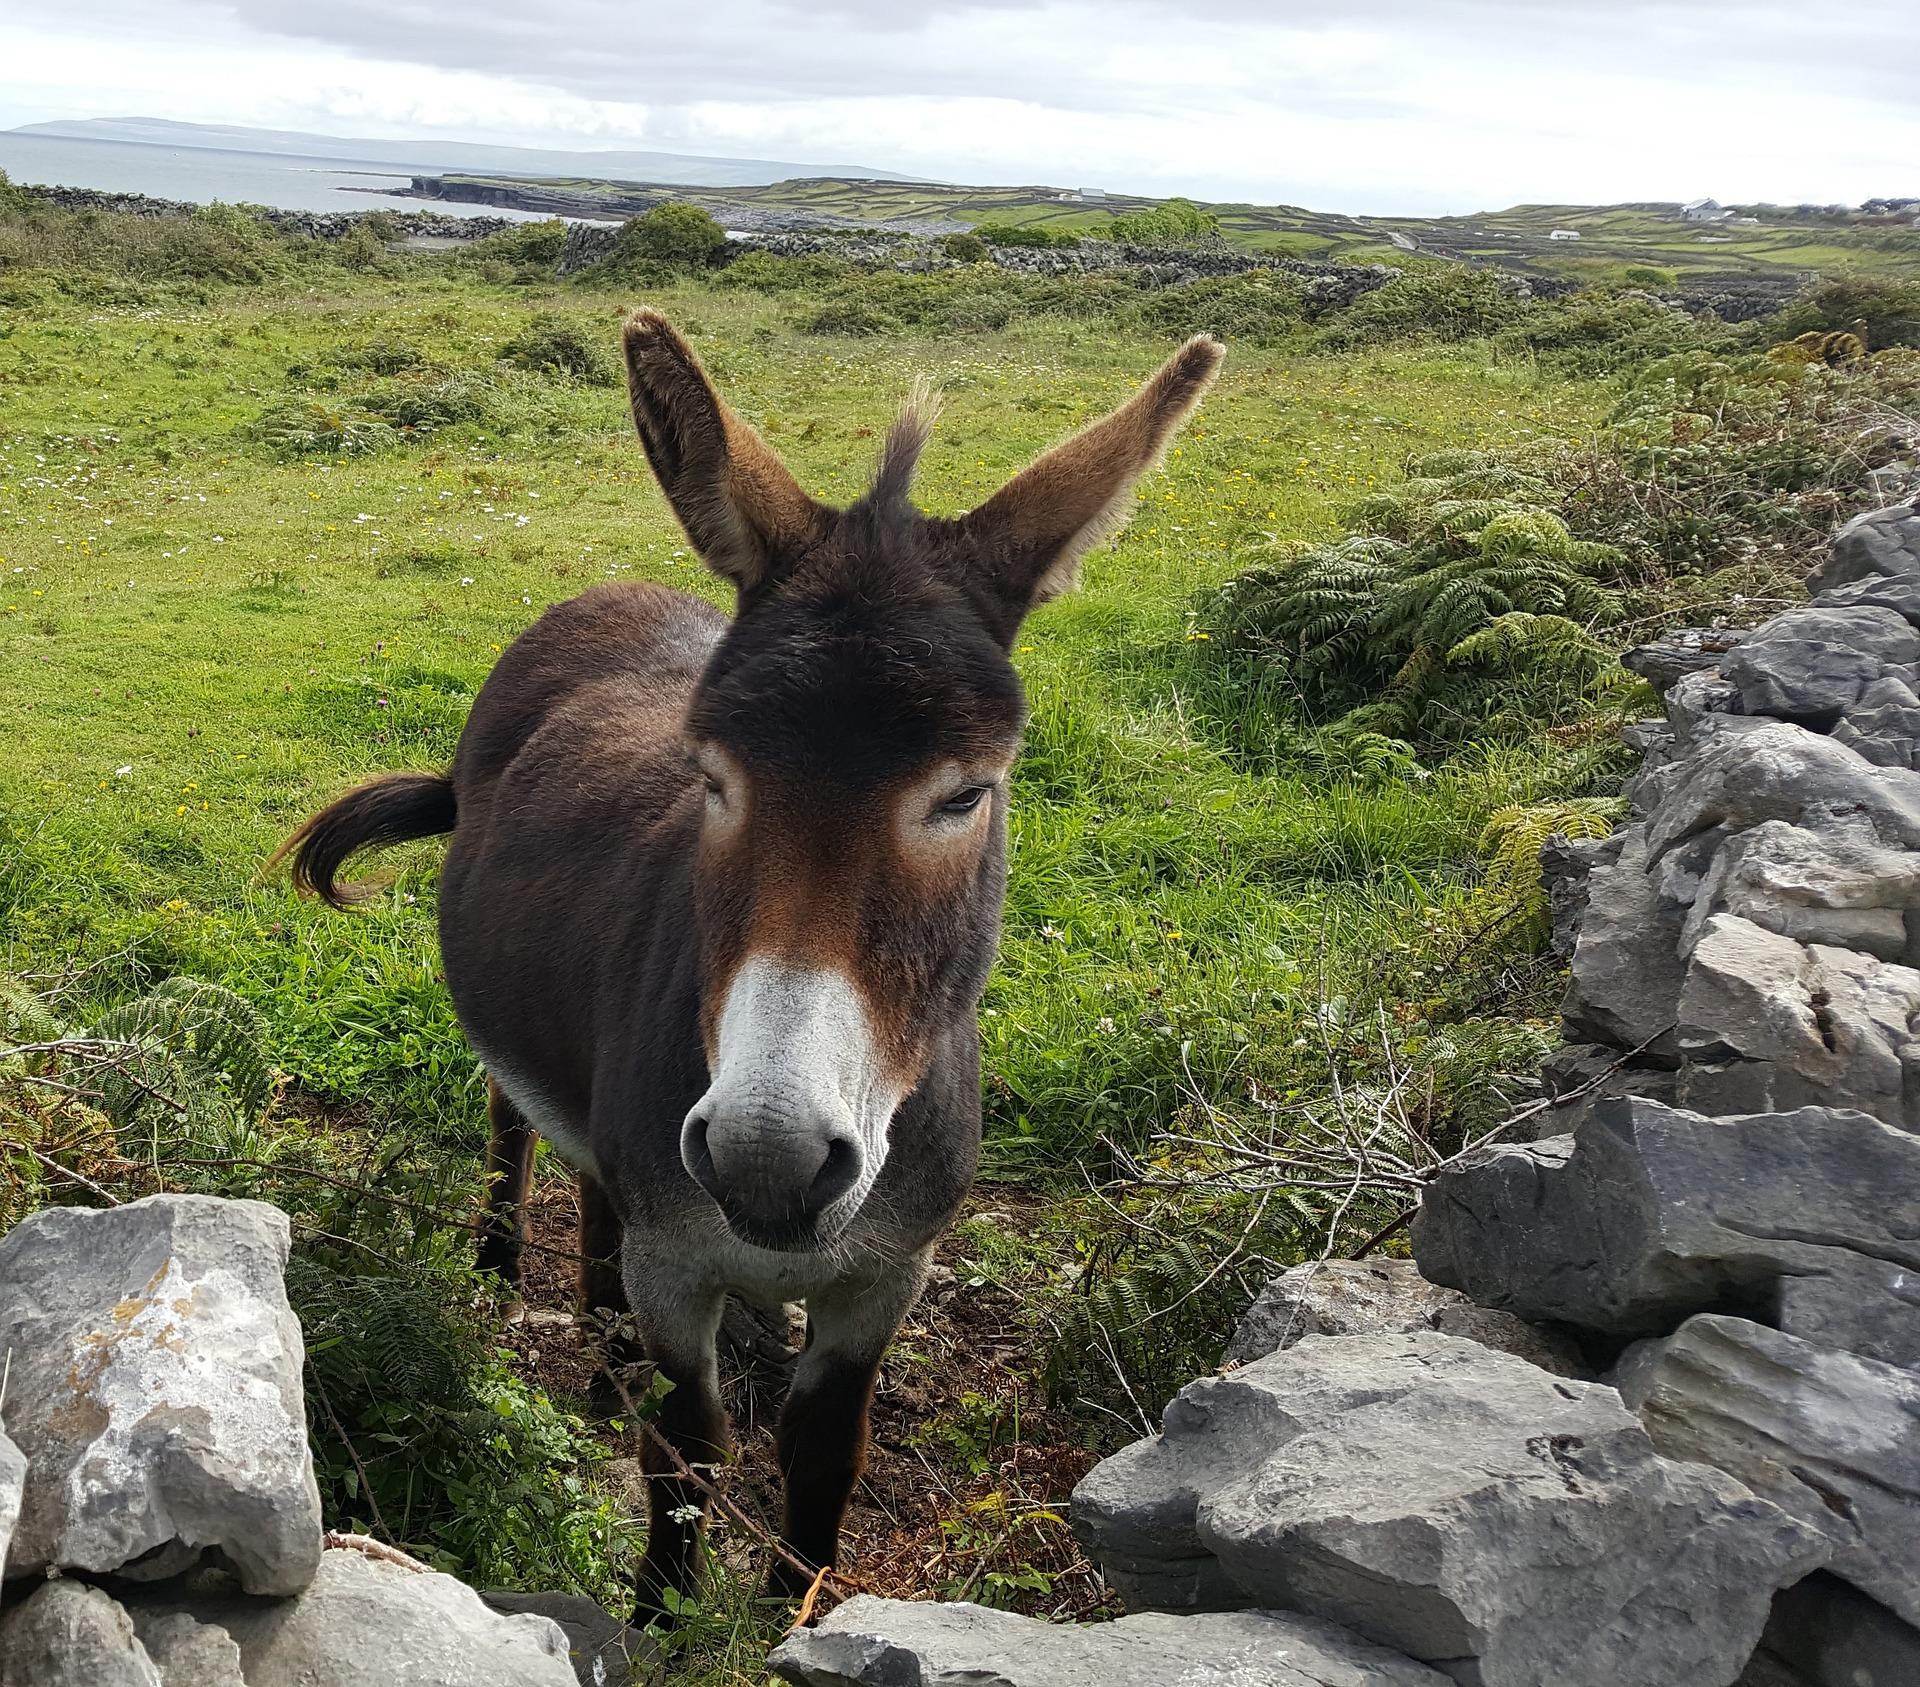 donkey-2245073_1920 (1)